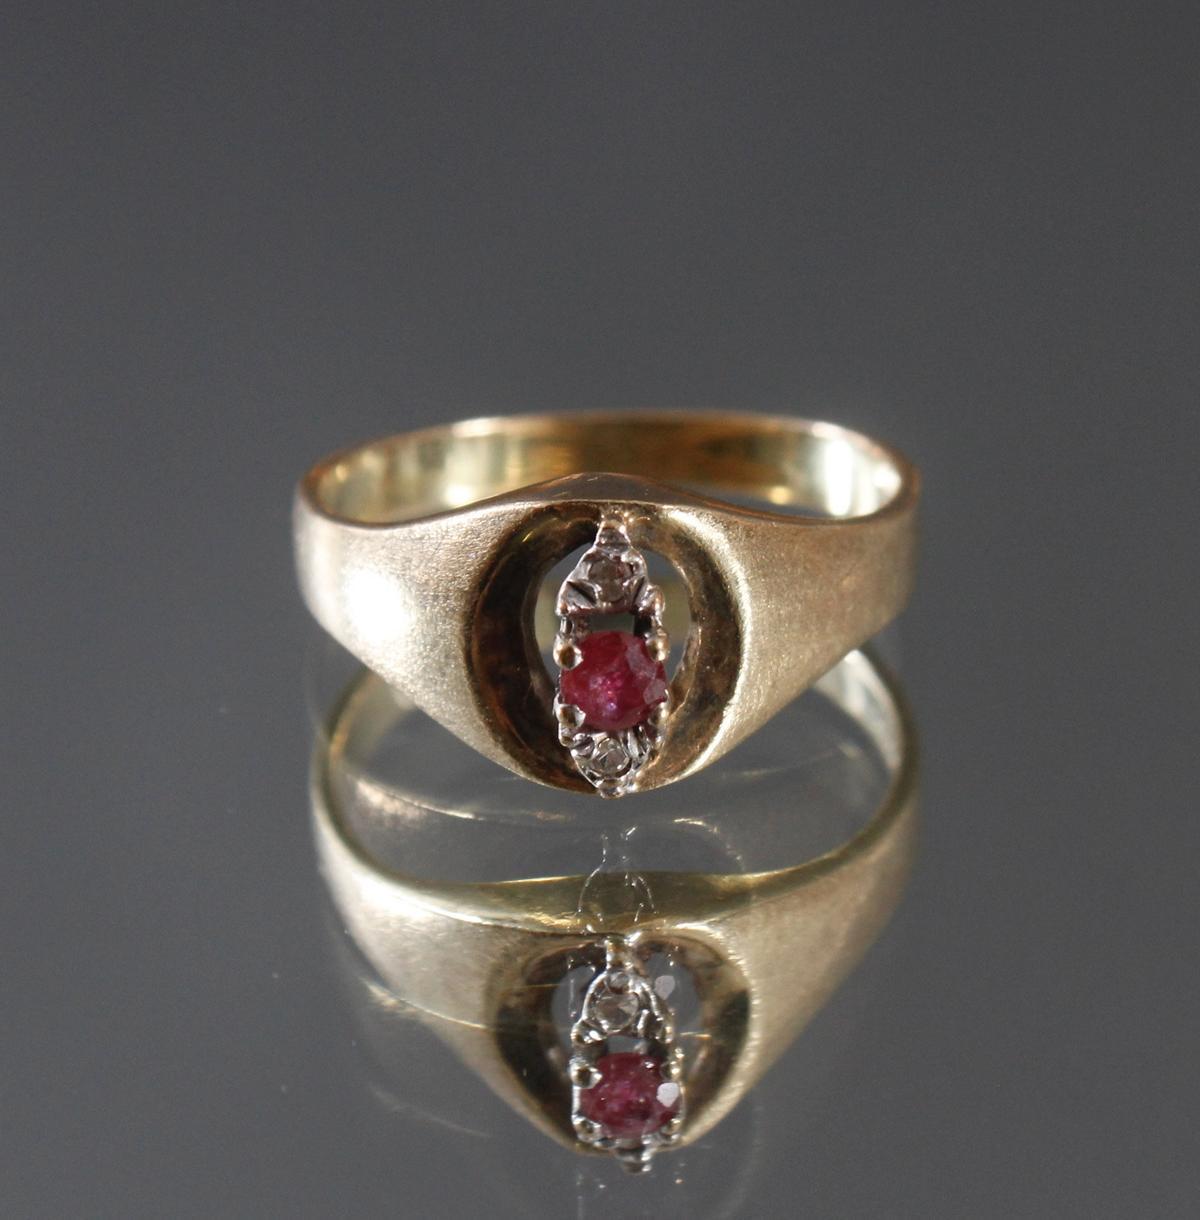 Damenring mit Rubin und 2 kleinen Diamanten, 8 Karat Gelbgold